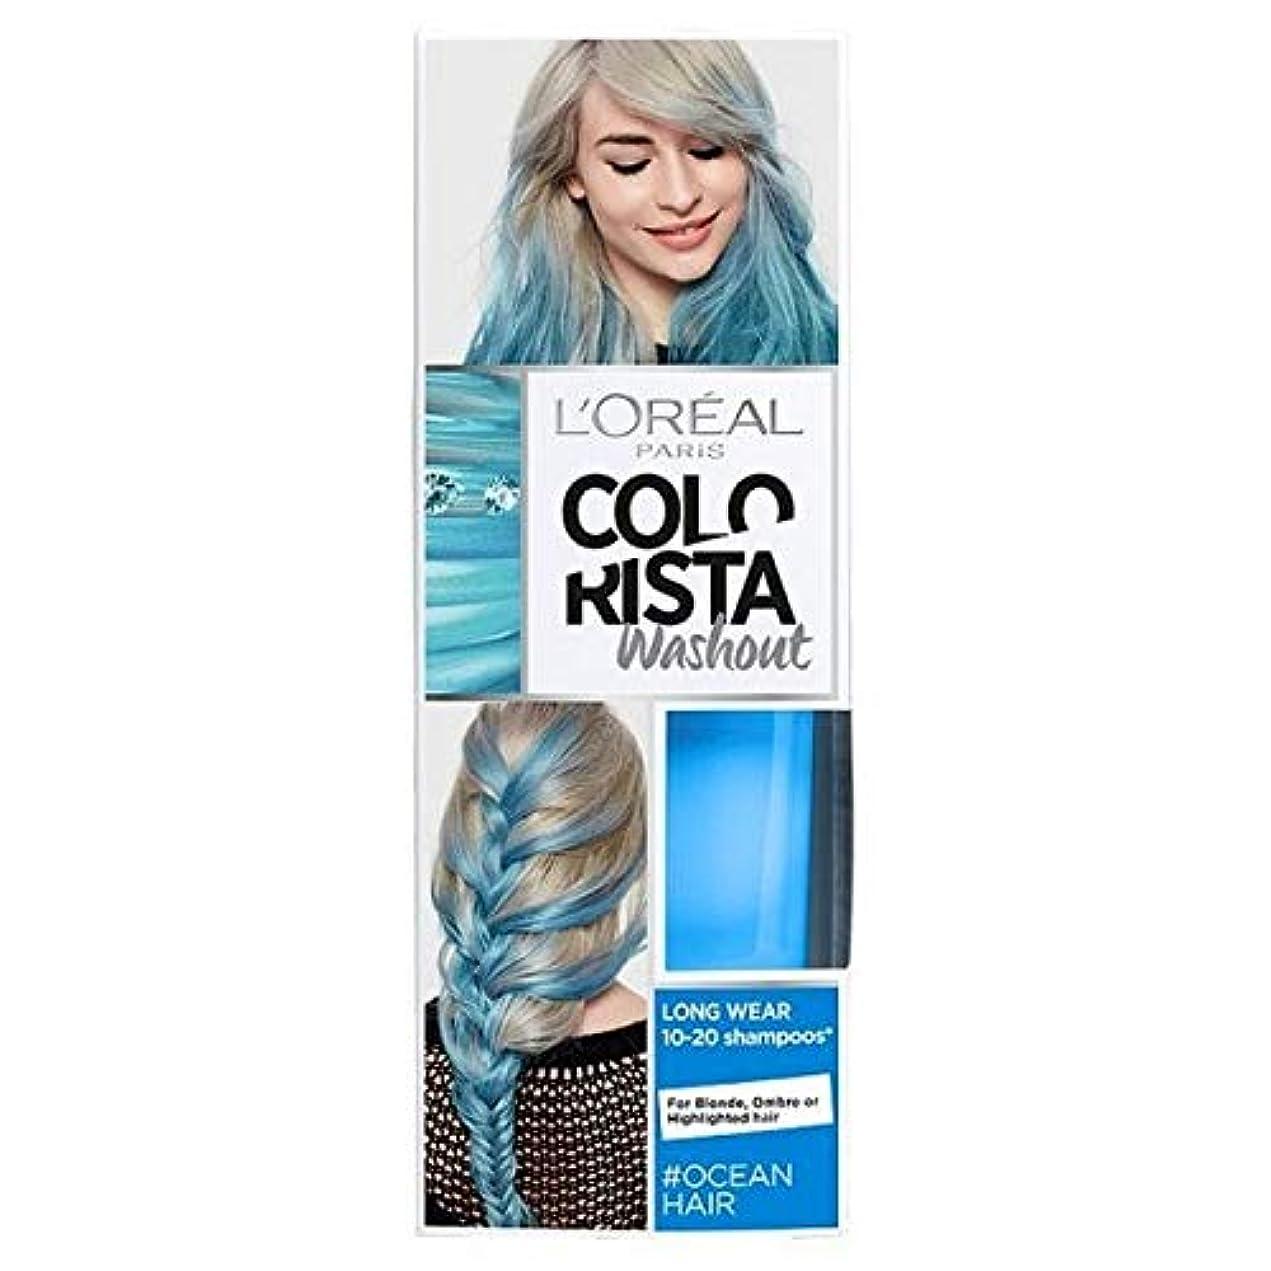 手のひら置換祭司[Colorista] Colorista洗い出しオーシャンブルーネオン半永久染毛剤 - Colorista Washout Ocean Blue Neon Semi-Permanent Hair Dye [並行輸入品]